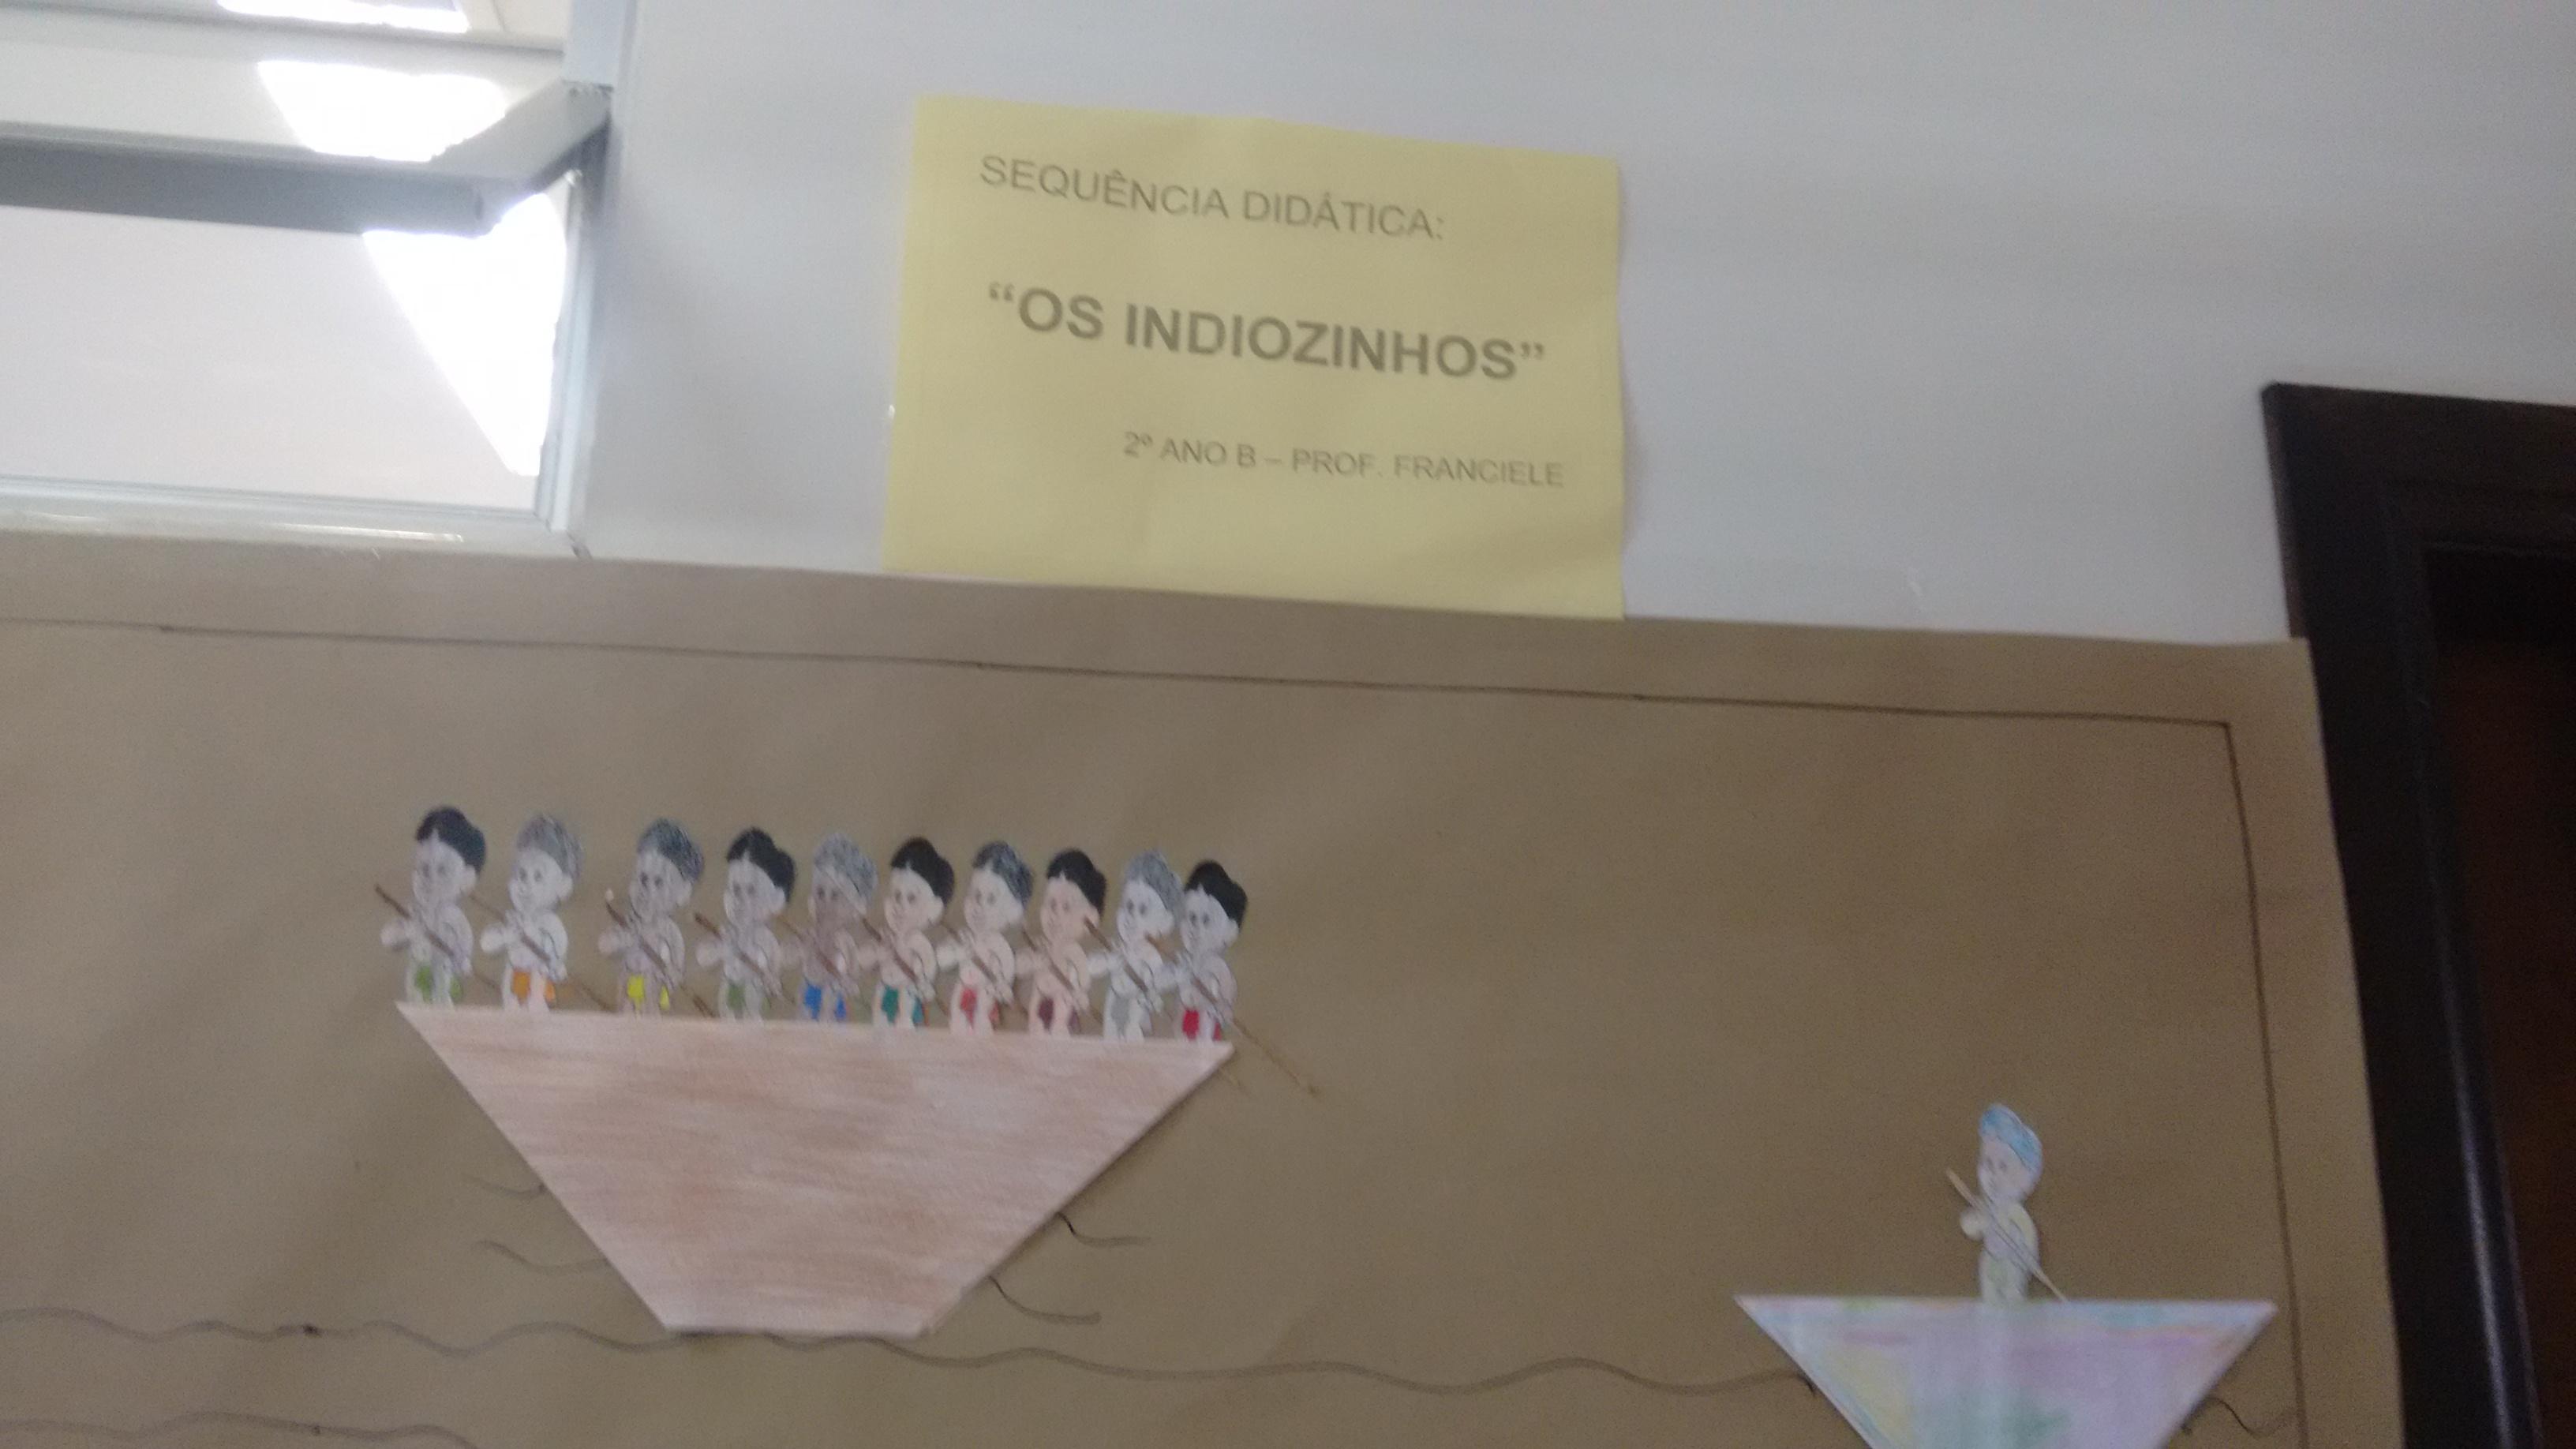 Dez Indiozinhos, construindo o significado dos números naturais - ProfºFranciele